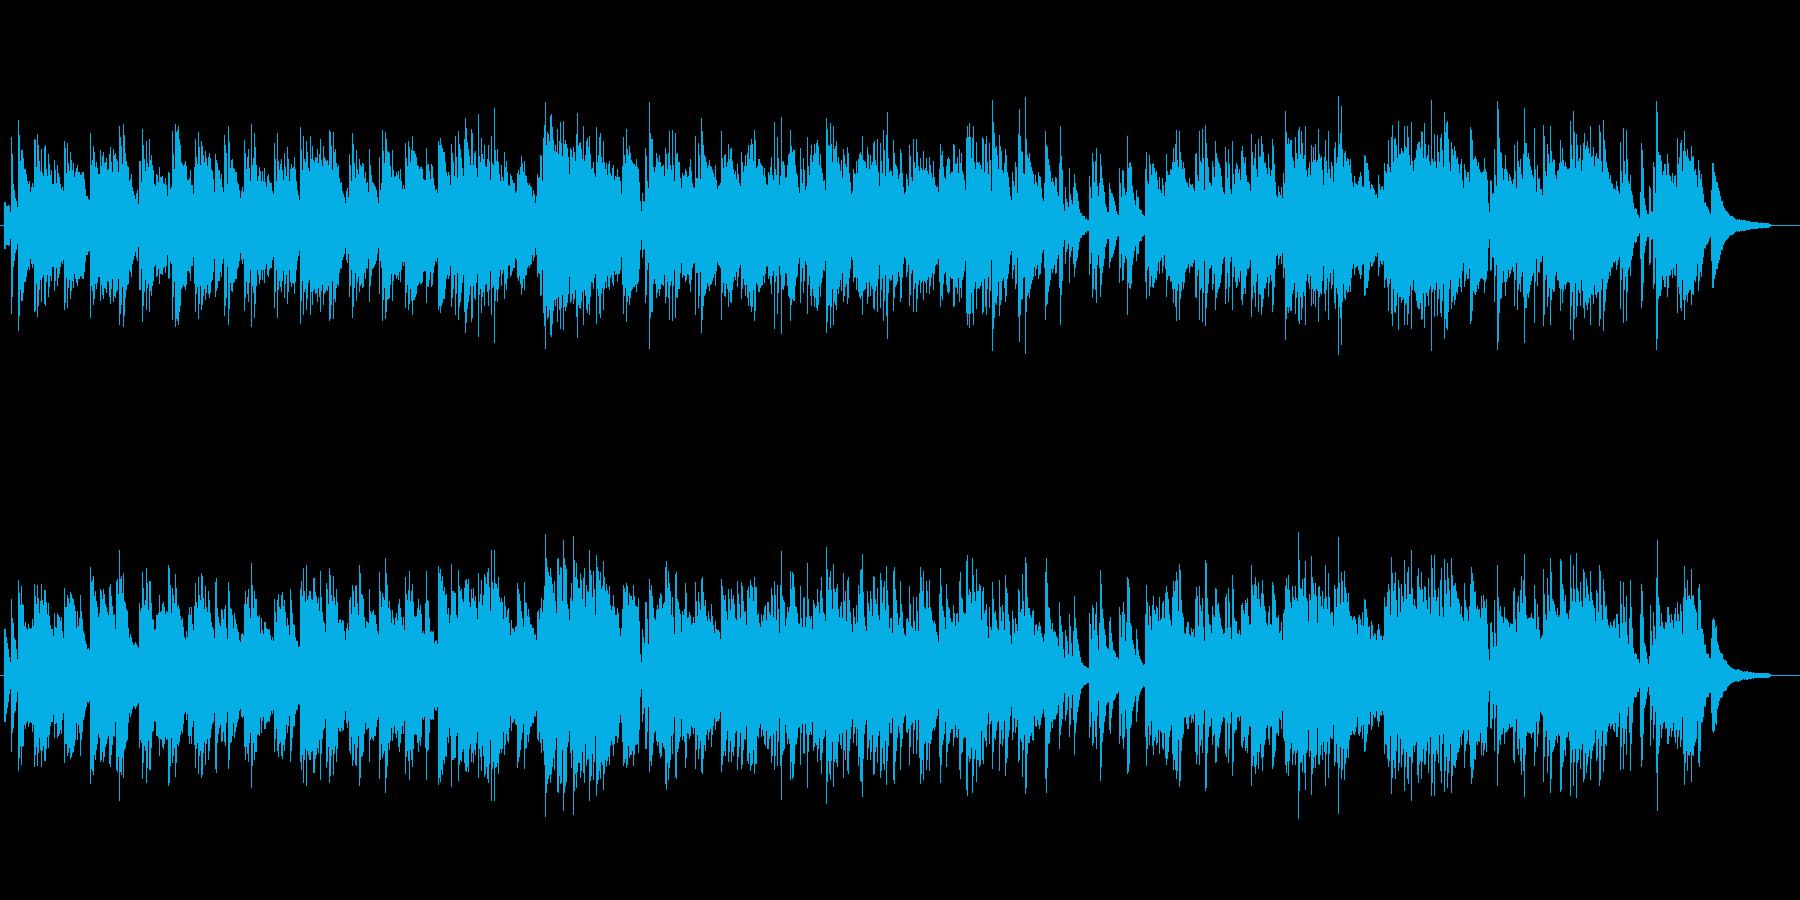 和の気配を感じさせるピアノ曲の再生済みの波形